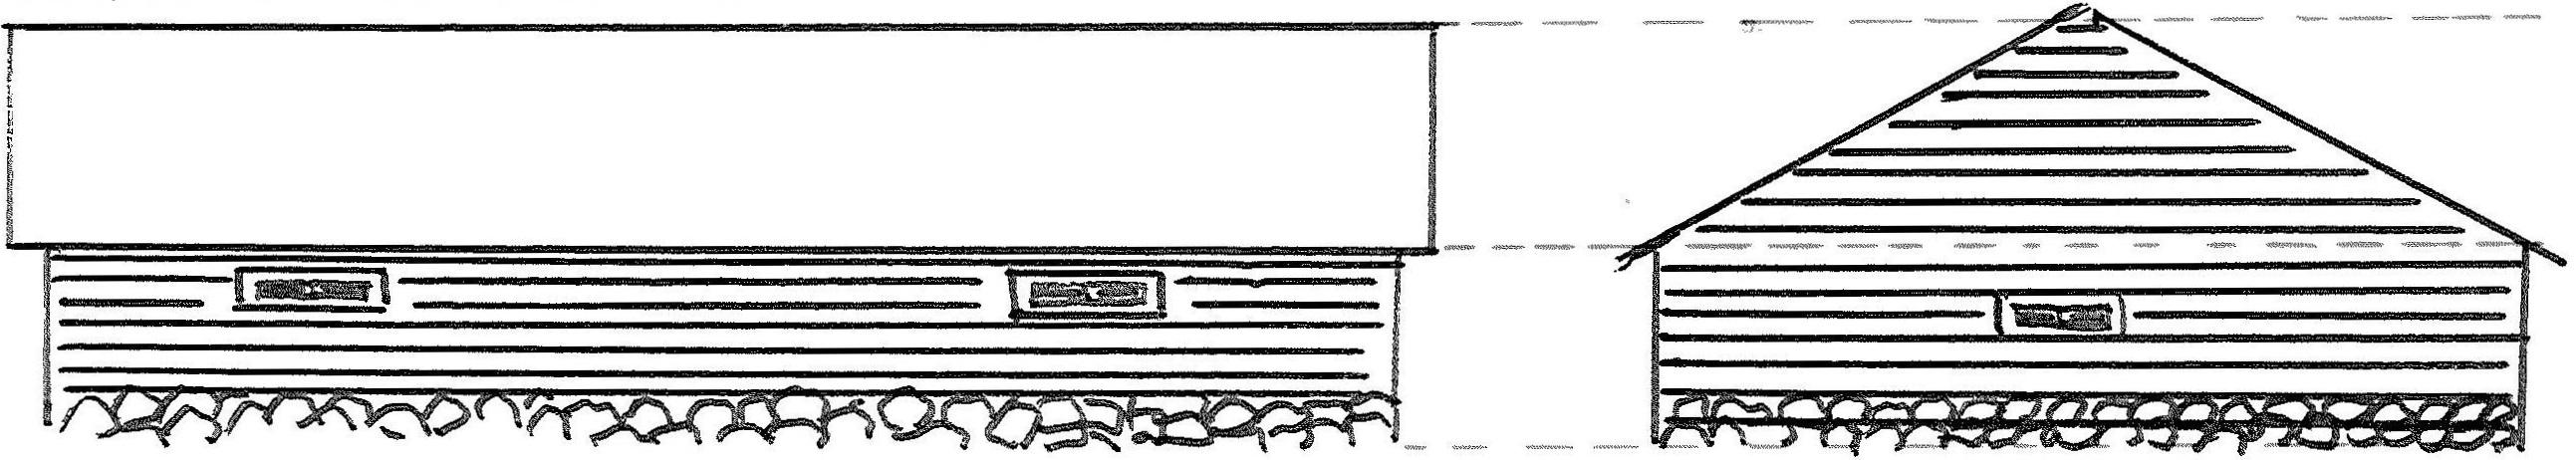 S-P-1002 edit 2 - Ylituvan navetta